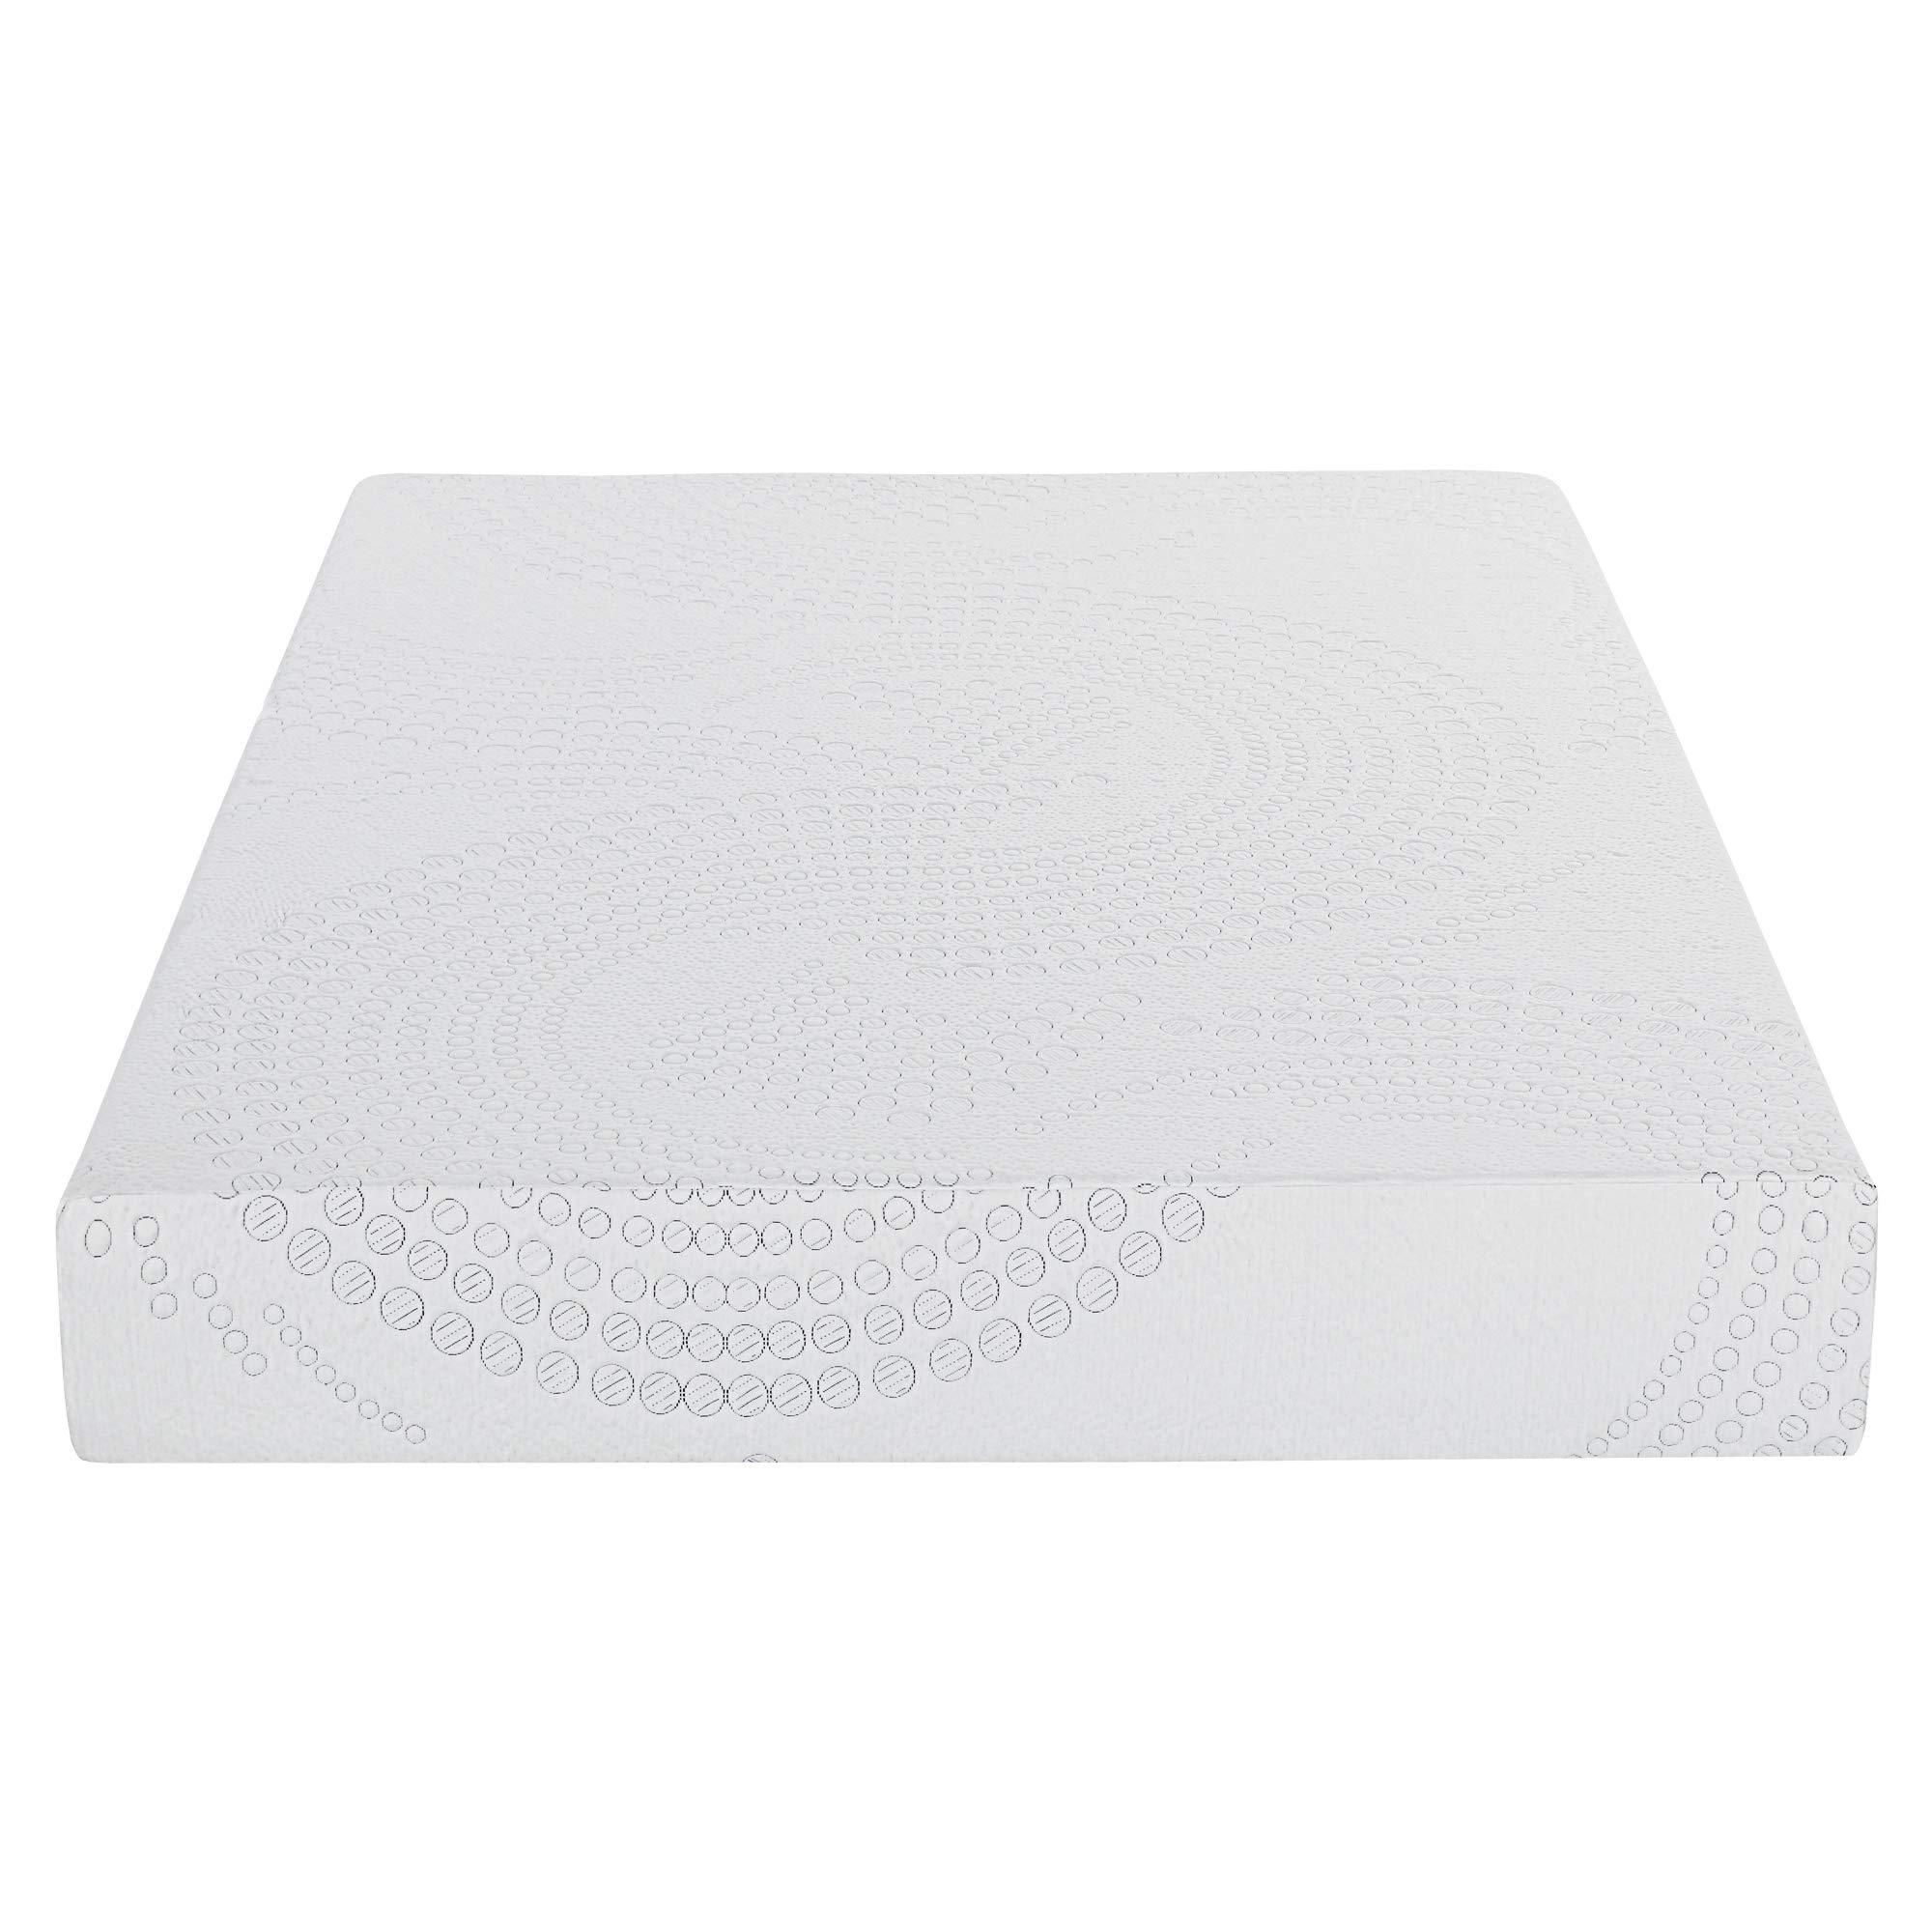 SLEEPLACE 10 Inch Memory Foam Mattress-10 SP10FM10T